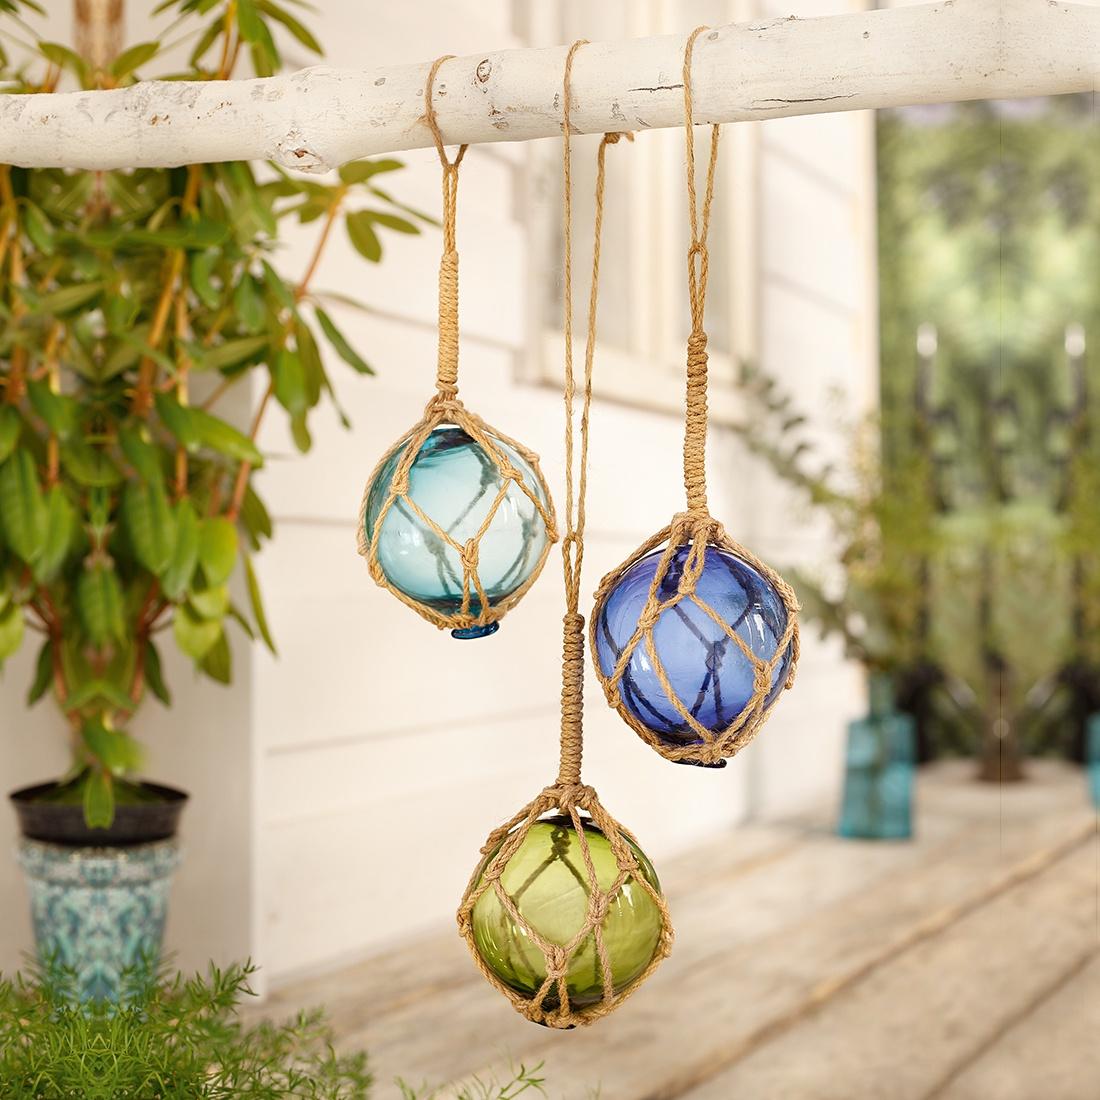 Подвесные украшения Цветные шары, 3 штуки украшения в стиле канзаши